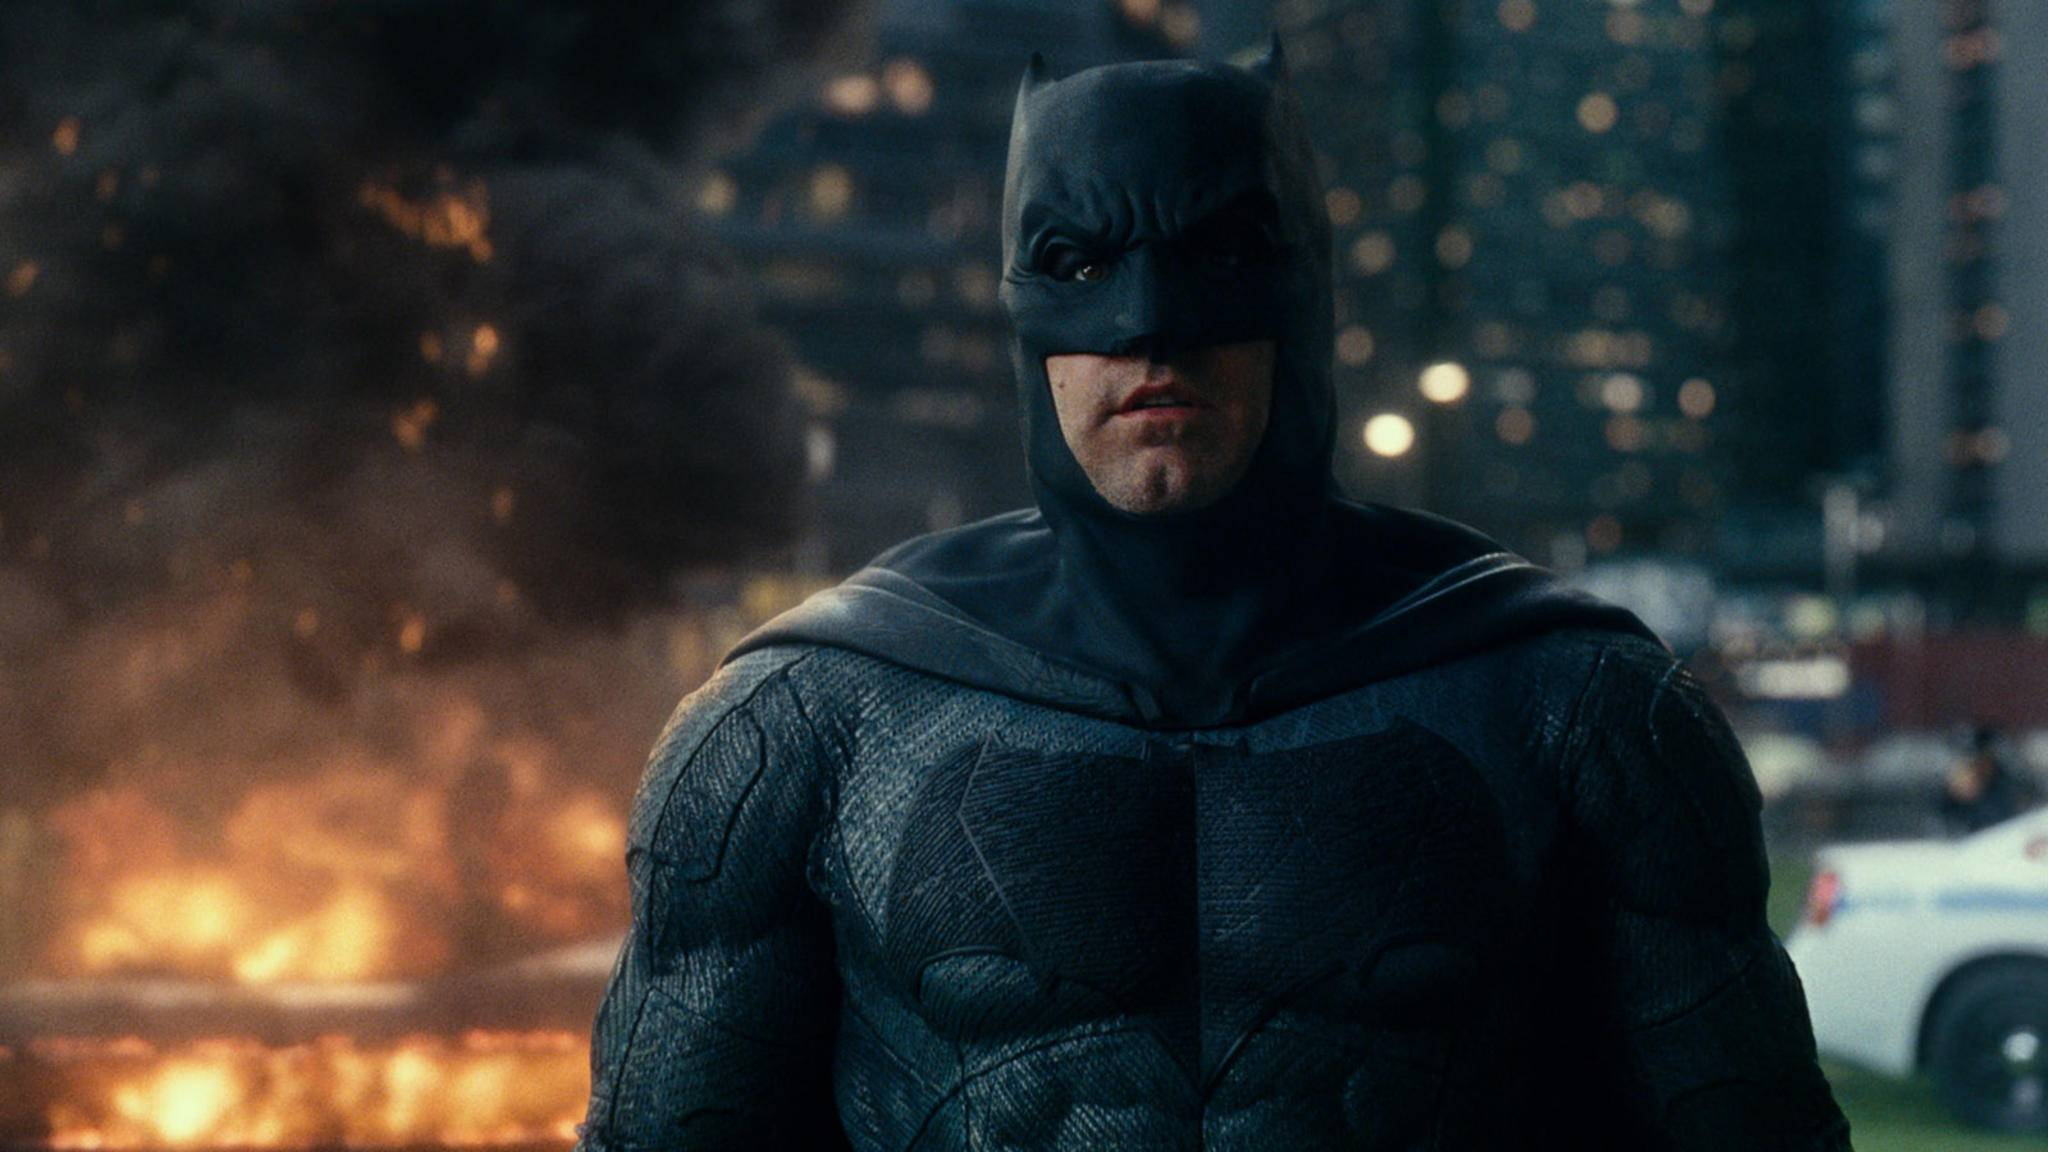 """Der Batsuit von Robert Pattinson in """"The Batman"""" unterscheidet sich massiv von der Rüstung die Ben Affleck als Dark Knight trug."""